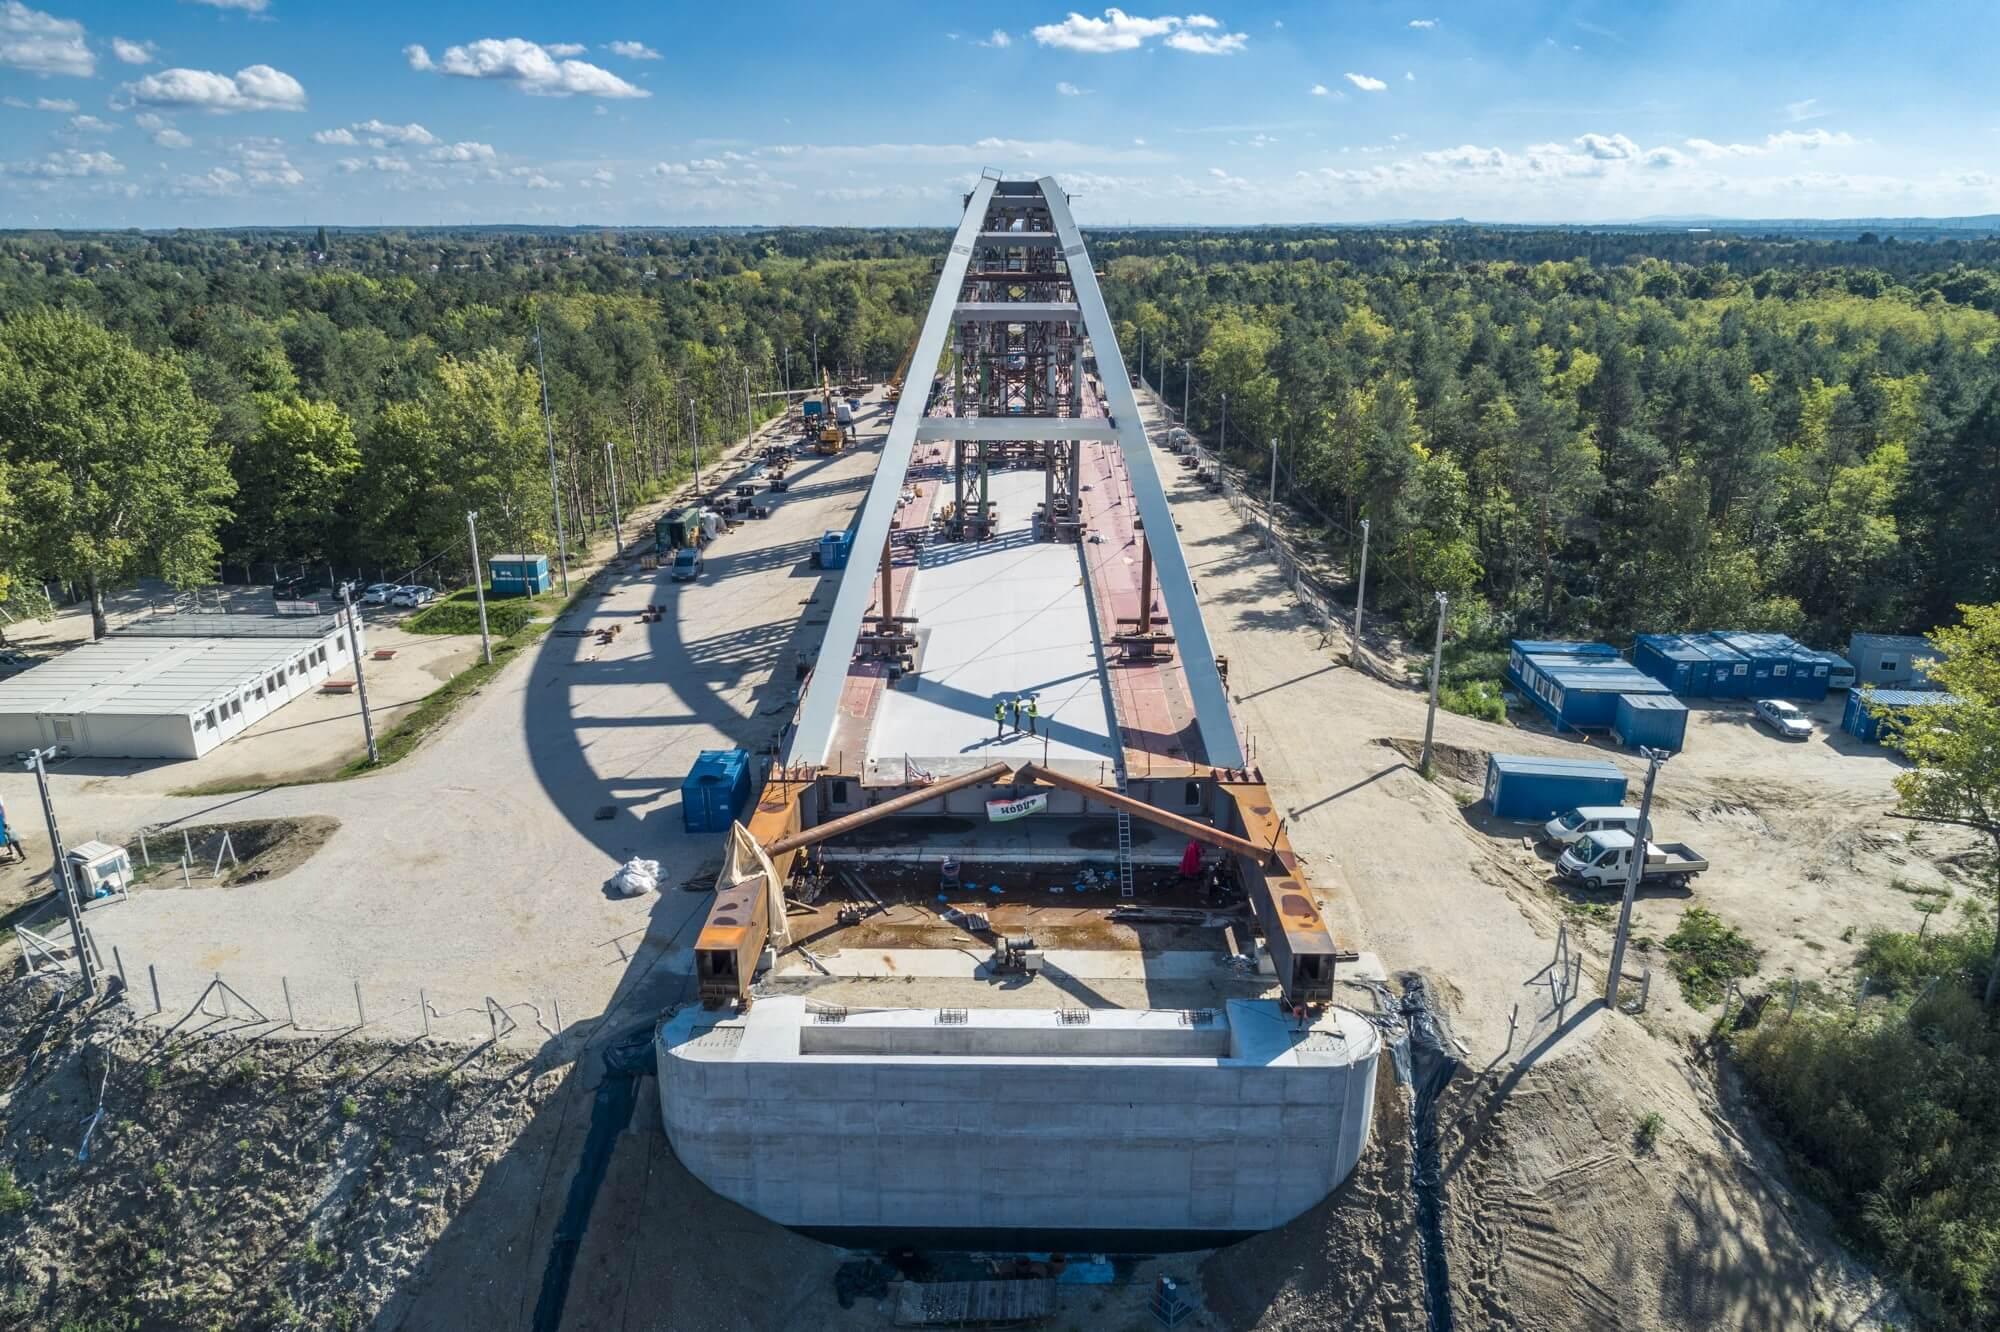 Átfogó kép a hazai hídépítésről - megjelent a Magyar Építők újabb magazinja